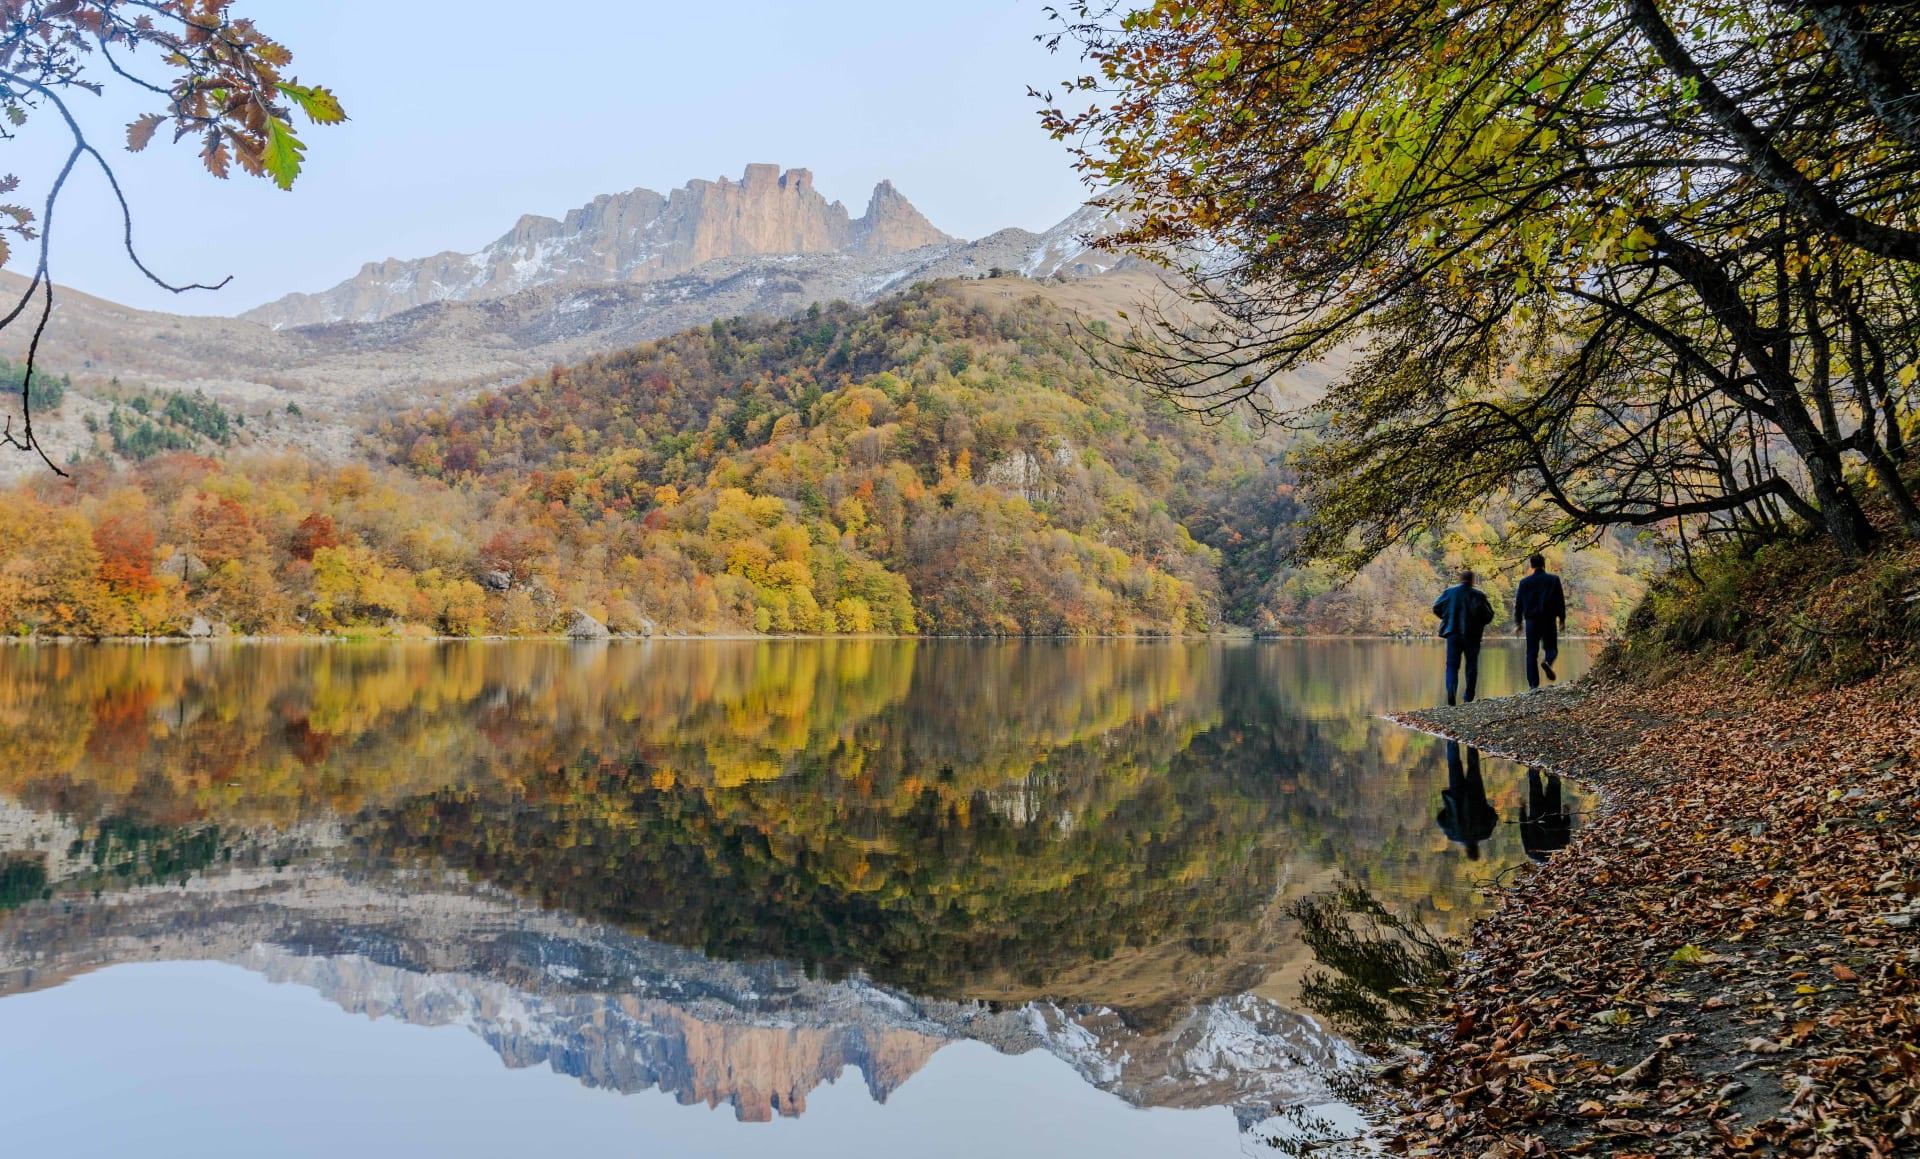 في أذربيجان.. بحيرة ساحرة تكونت بسبب كارثة طبيعية منذ ألف عام